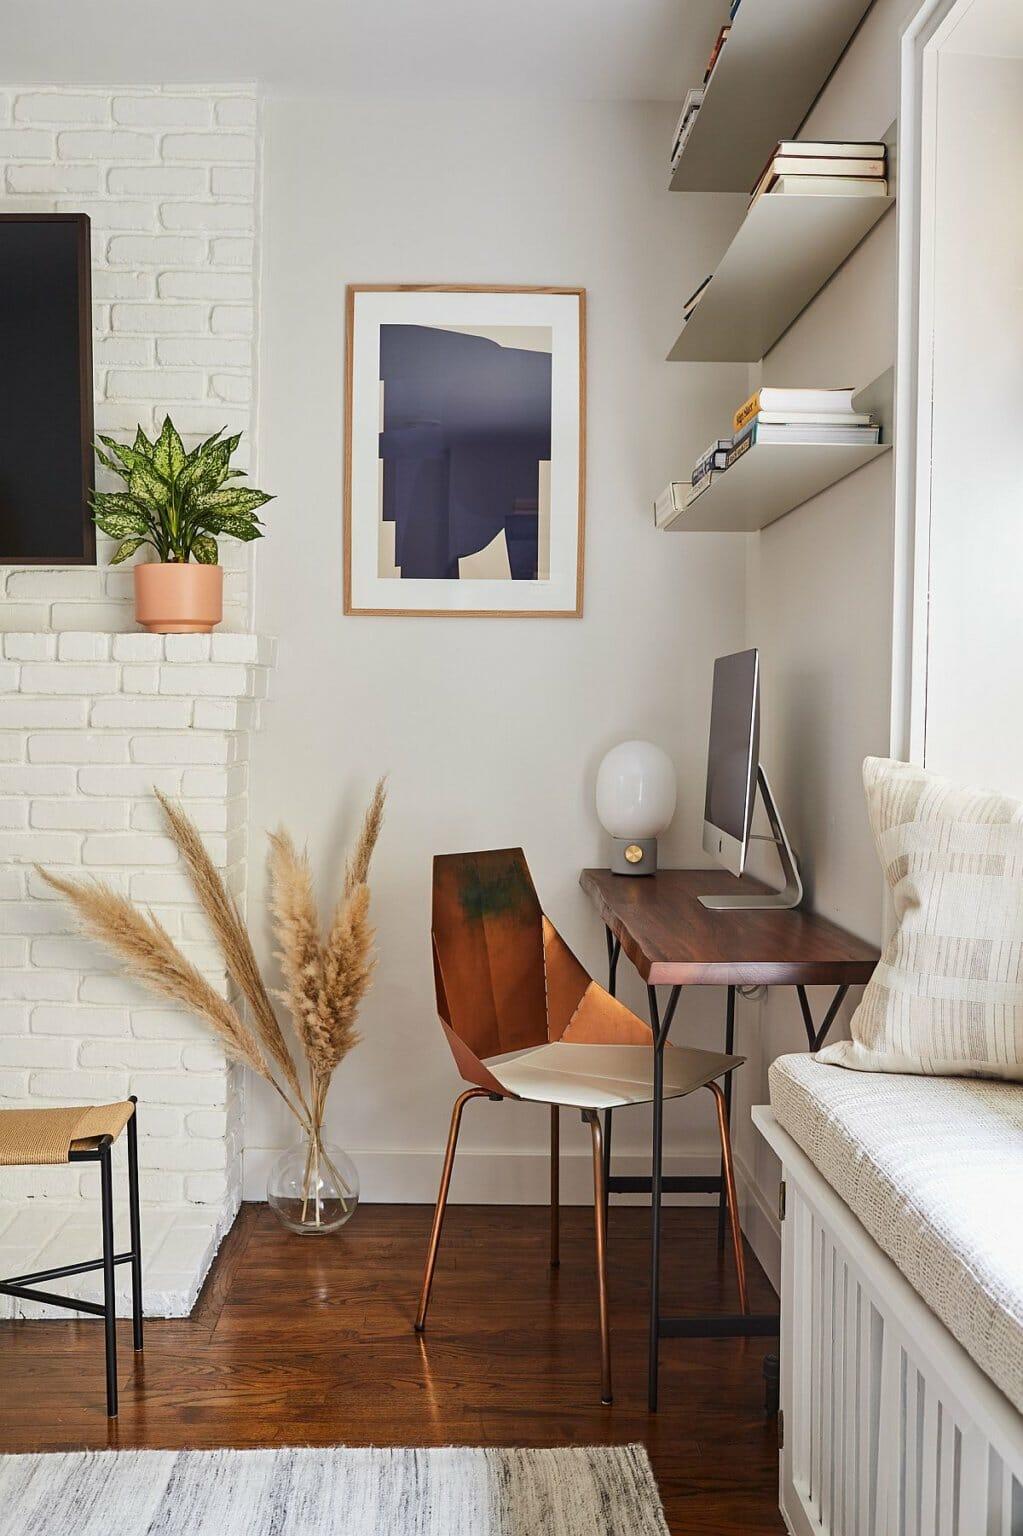 Ba kệ nổi và bàn làm việc biến góc nhỏ trong phòng ngủ thành không gian làm việc tại nhà ấm ấm, tiện nghi.